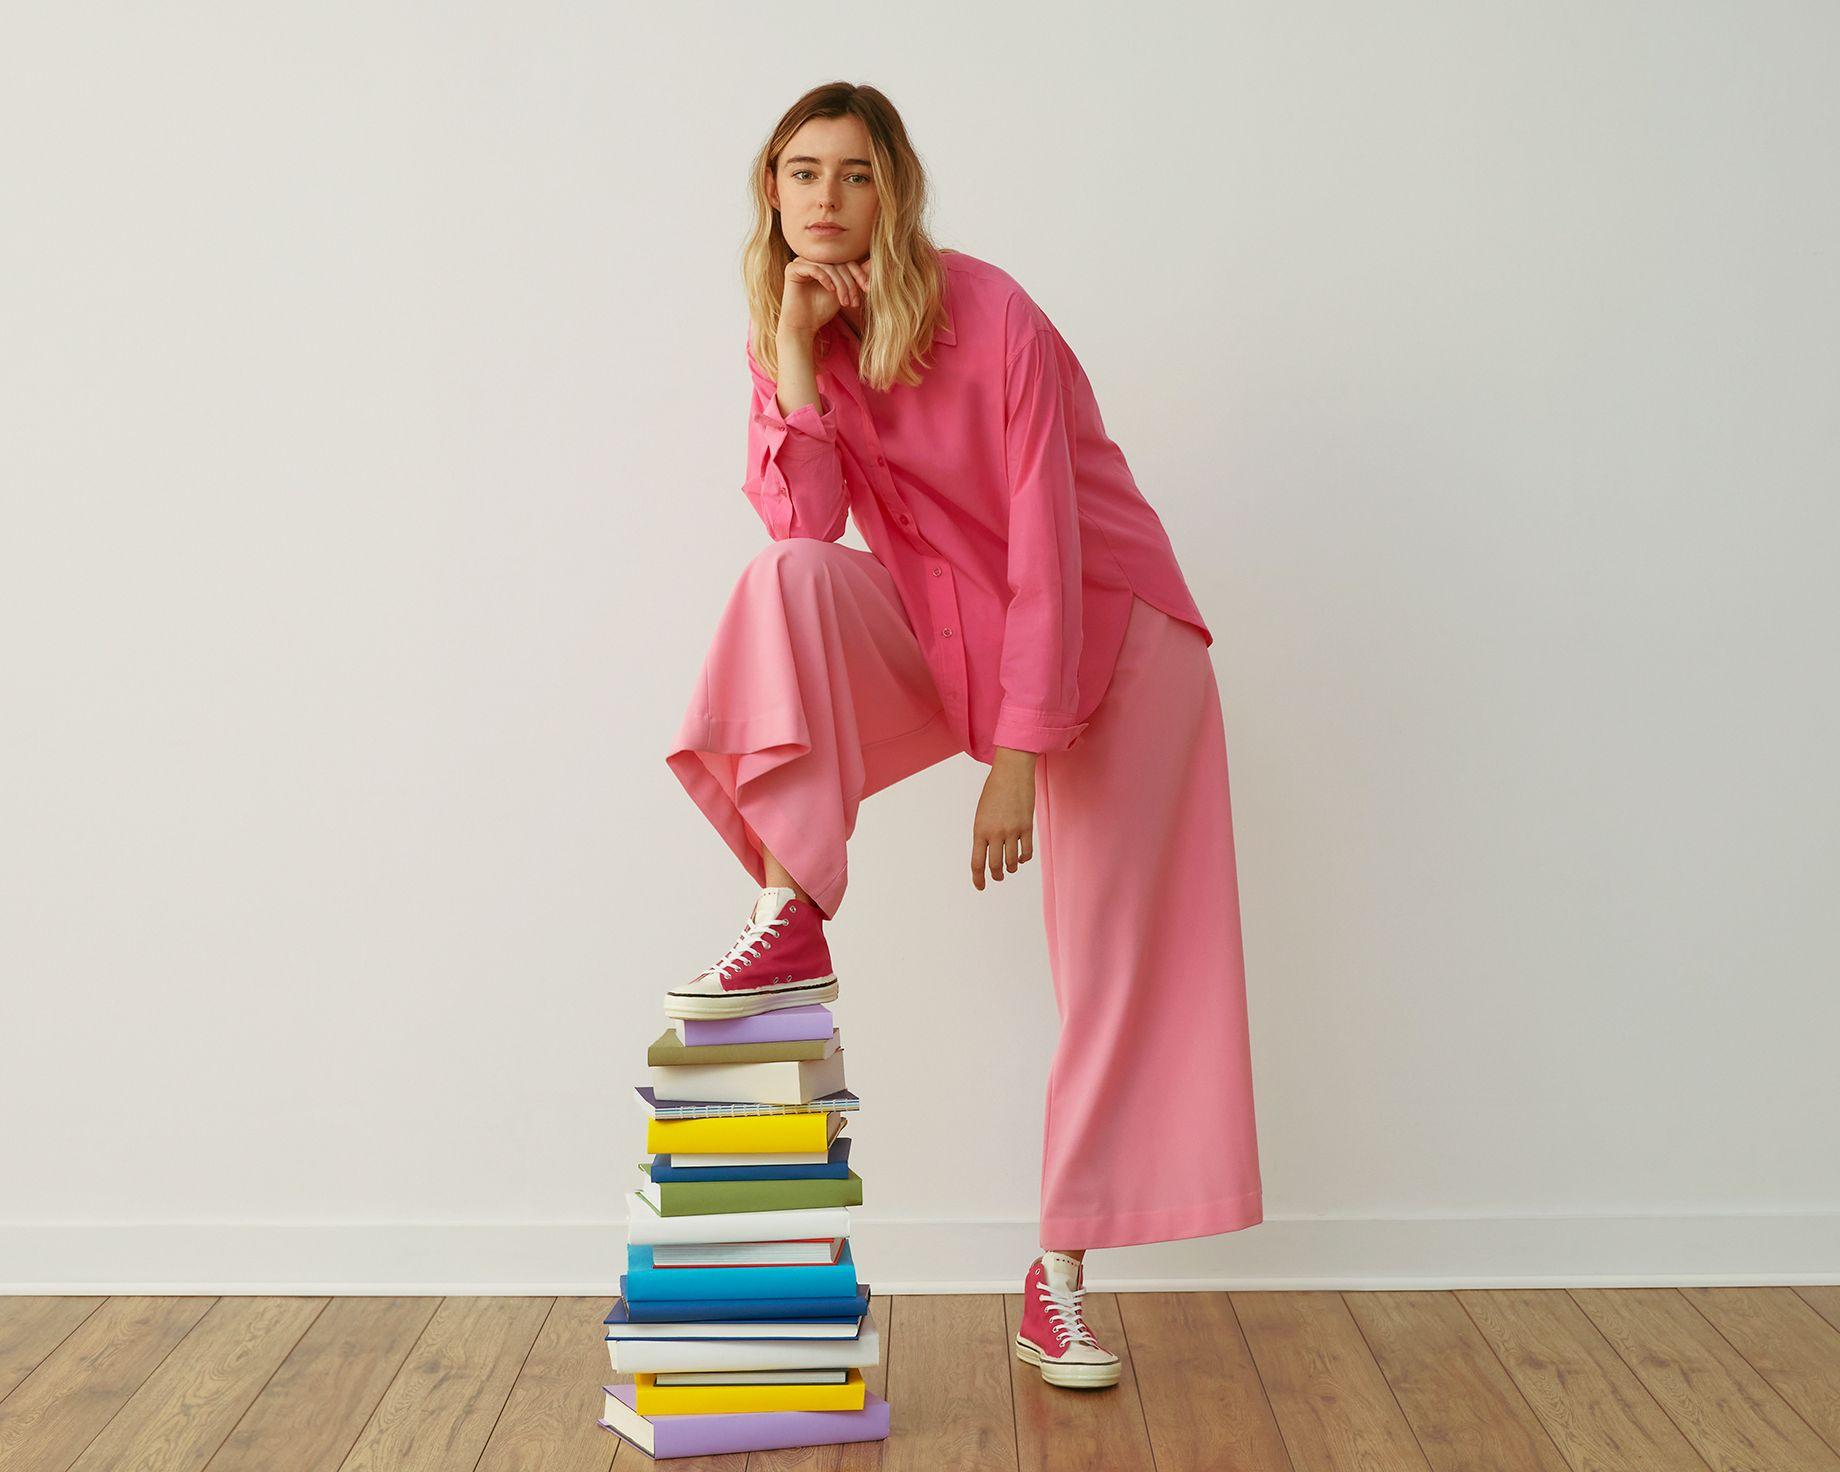 Femme pantalon rose sur une jambe